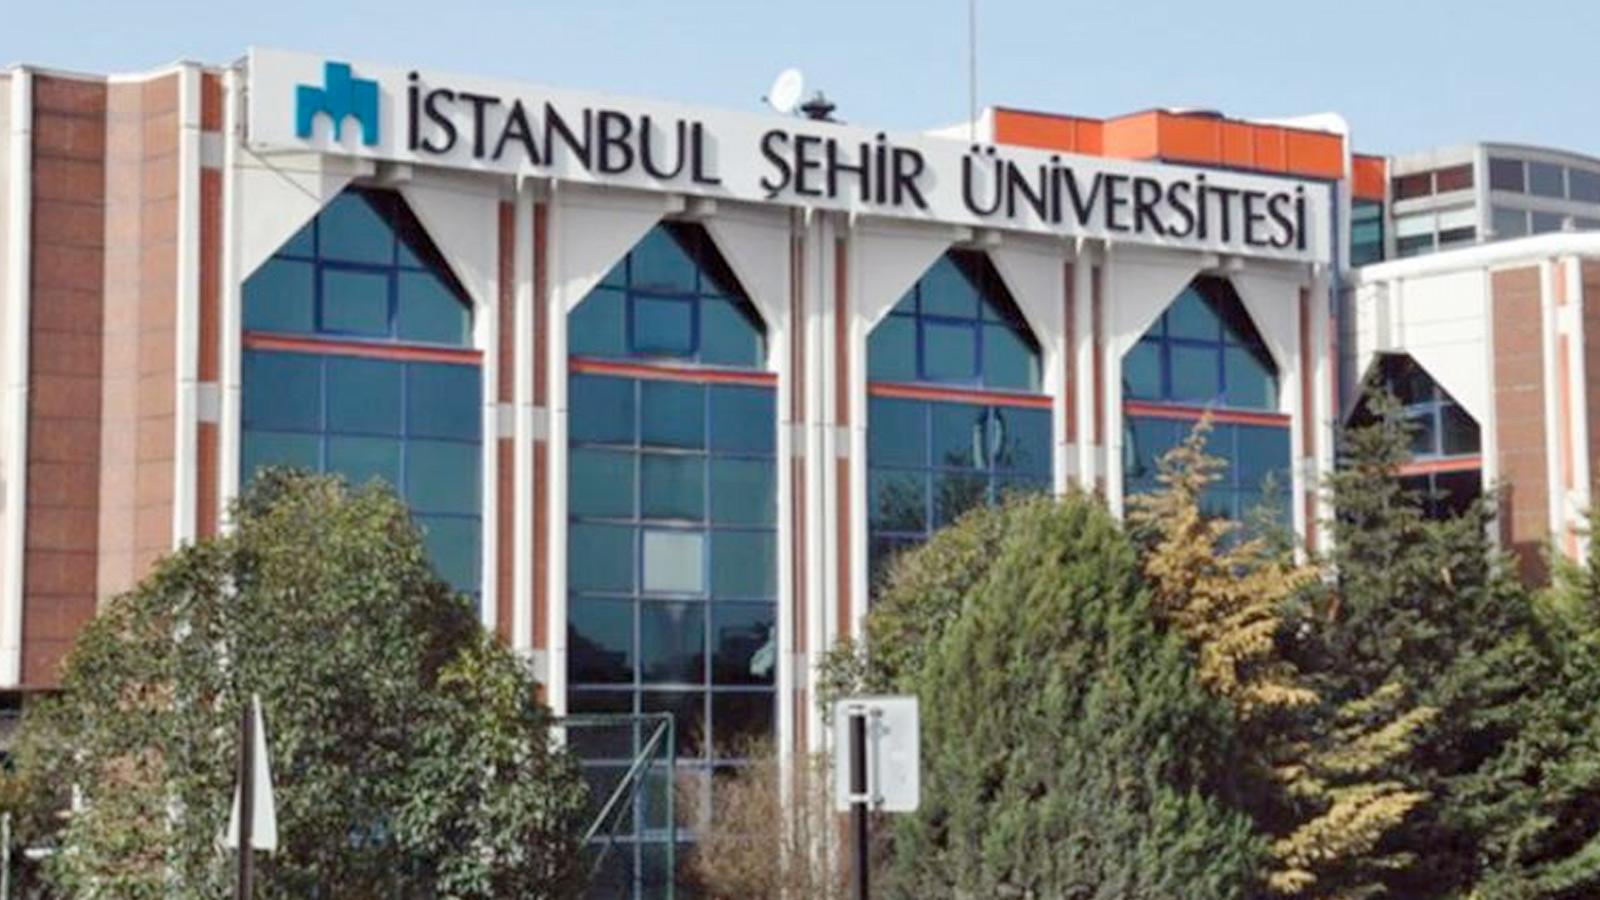 Murat Ülker'den Şehir Üniversitesi hakkındaki haberlere ilişkin açıklama